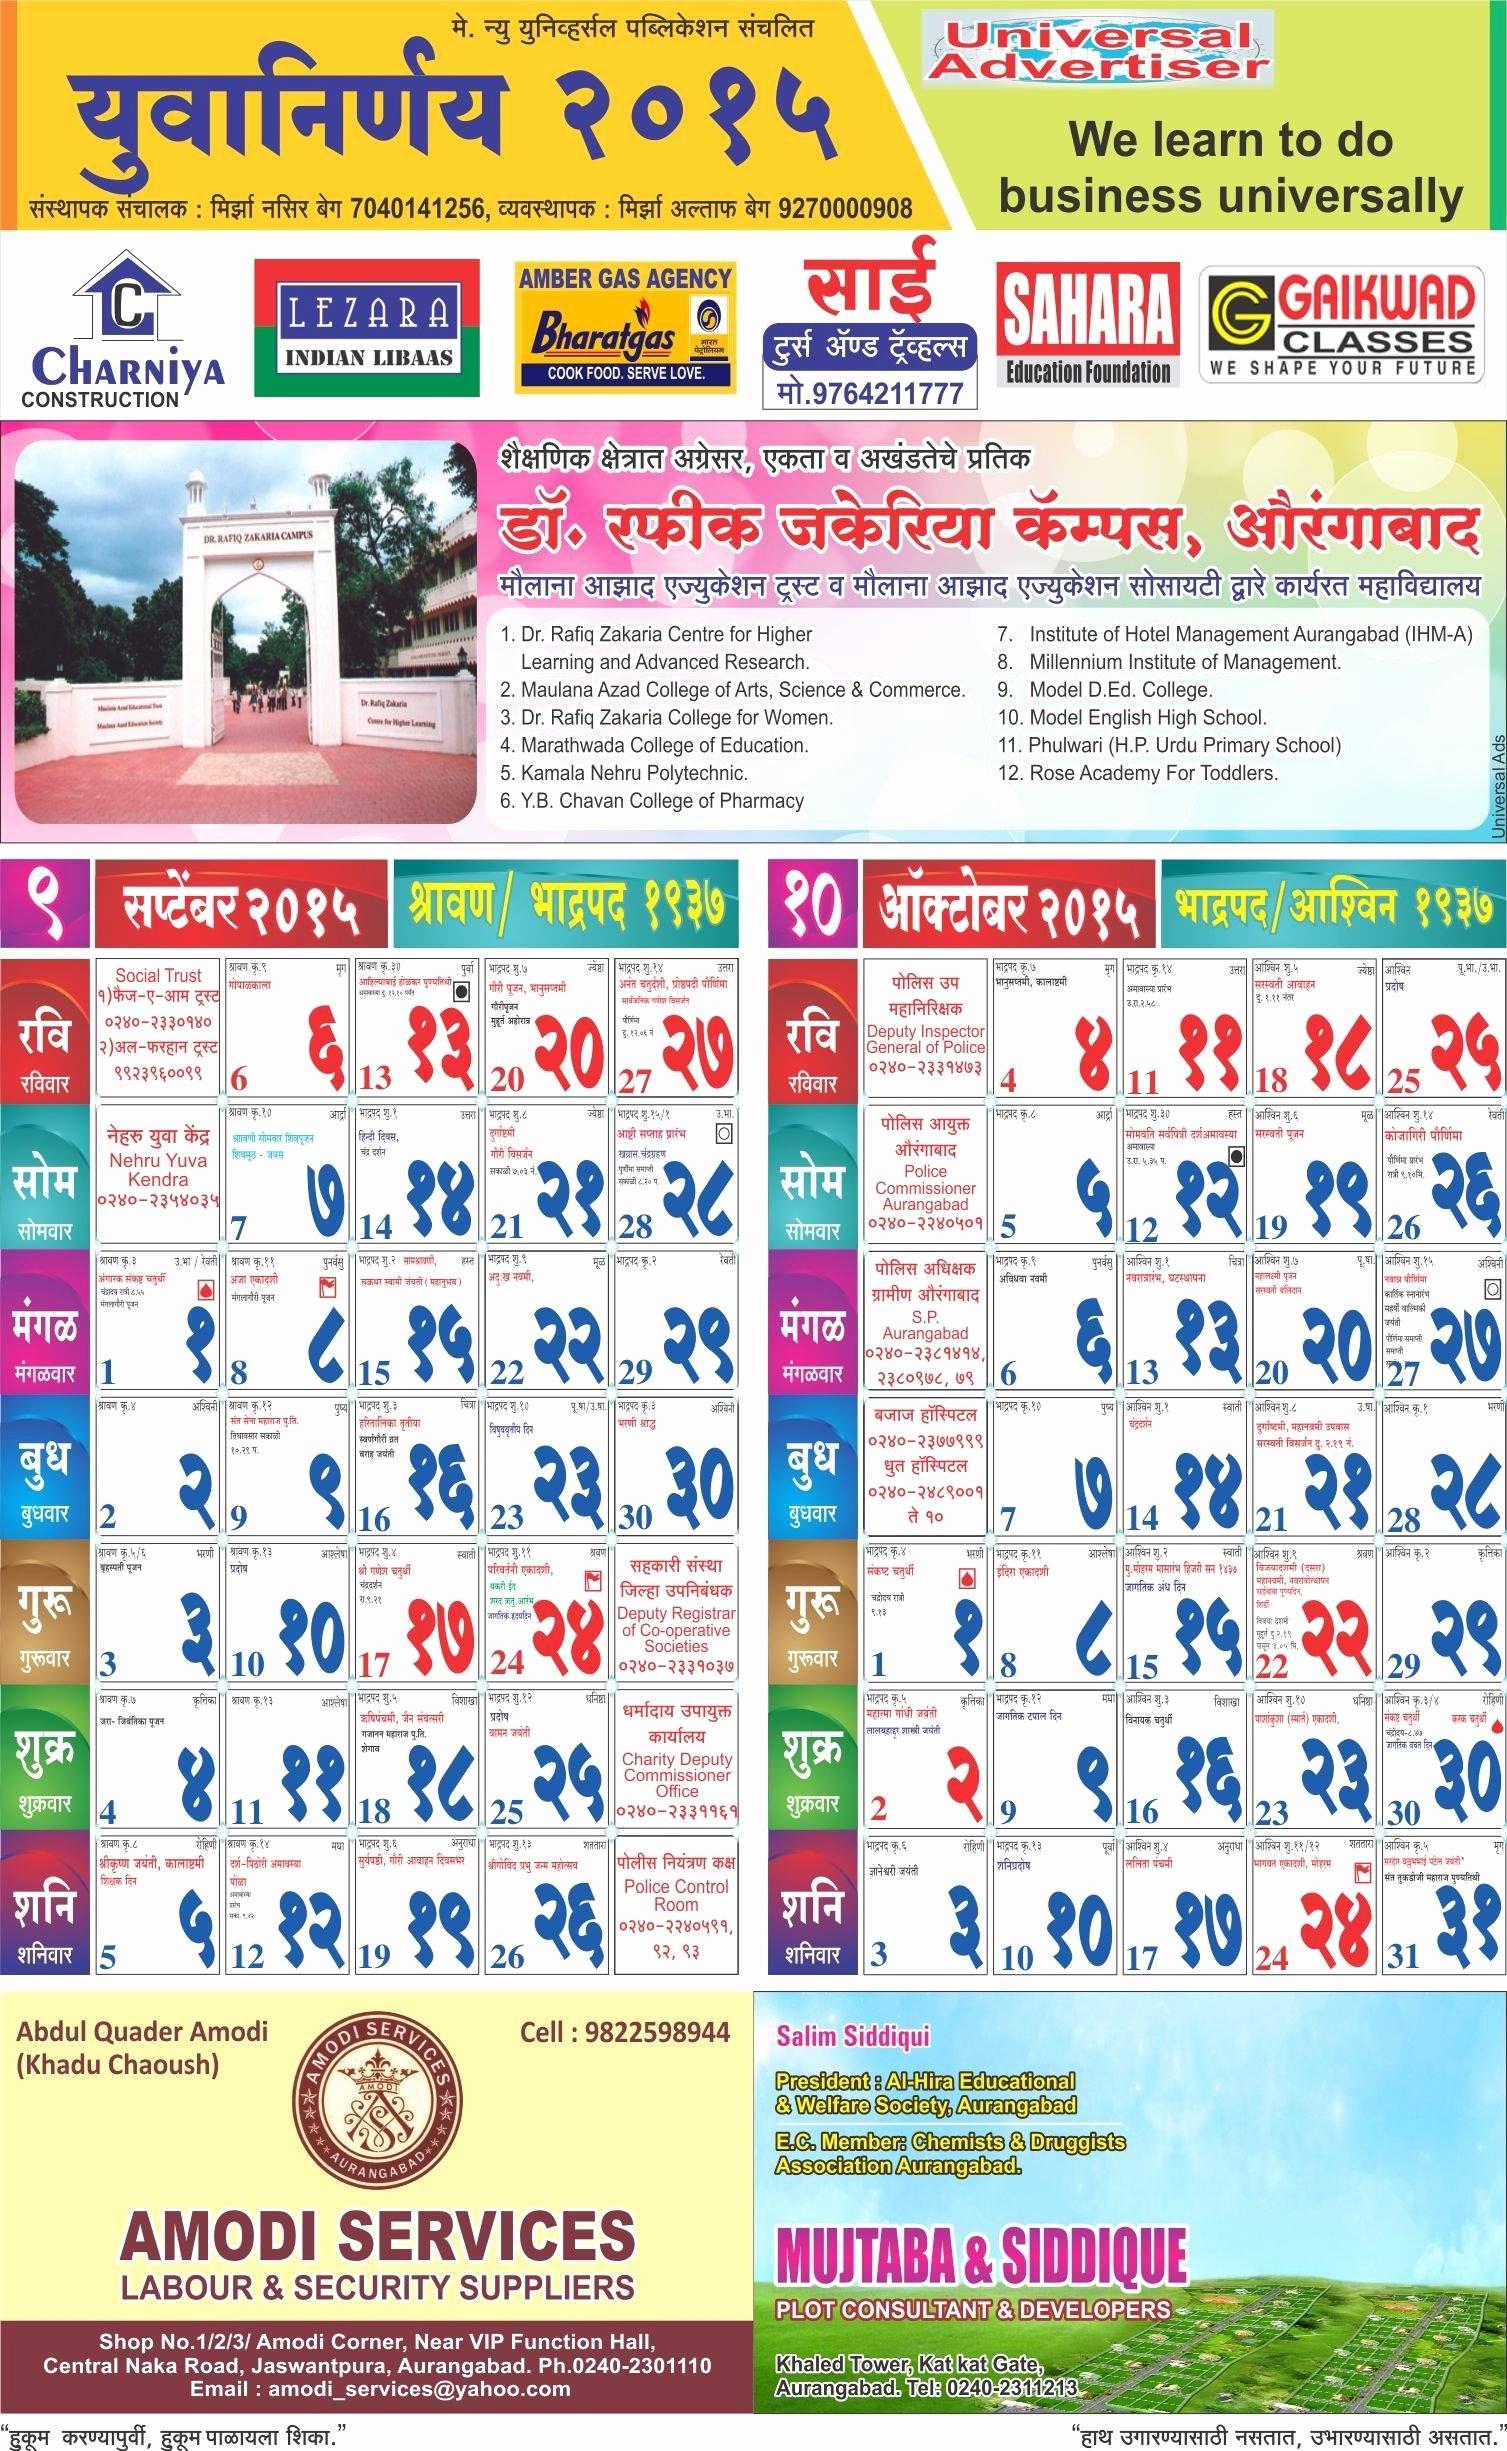 Advertising Calendars Free Advertising Calendar Template - Newsbbc_Ads B School Calendar